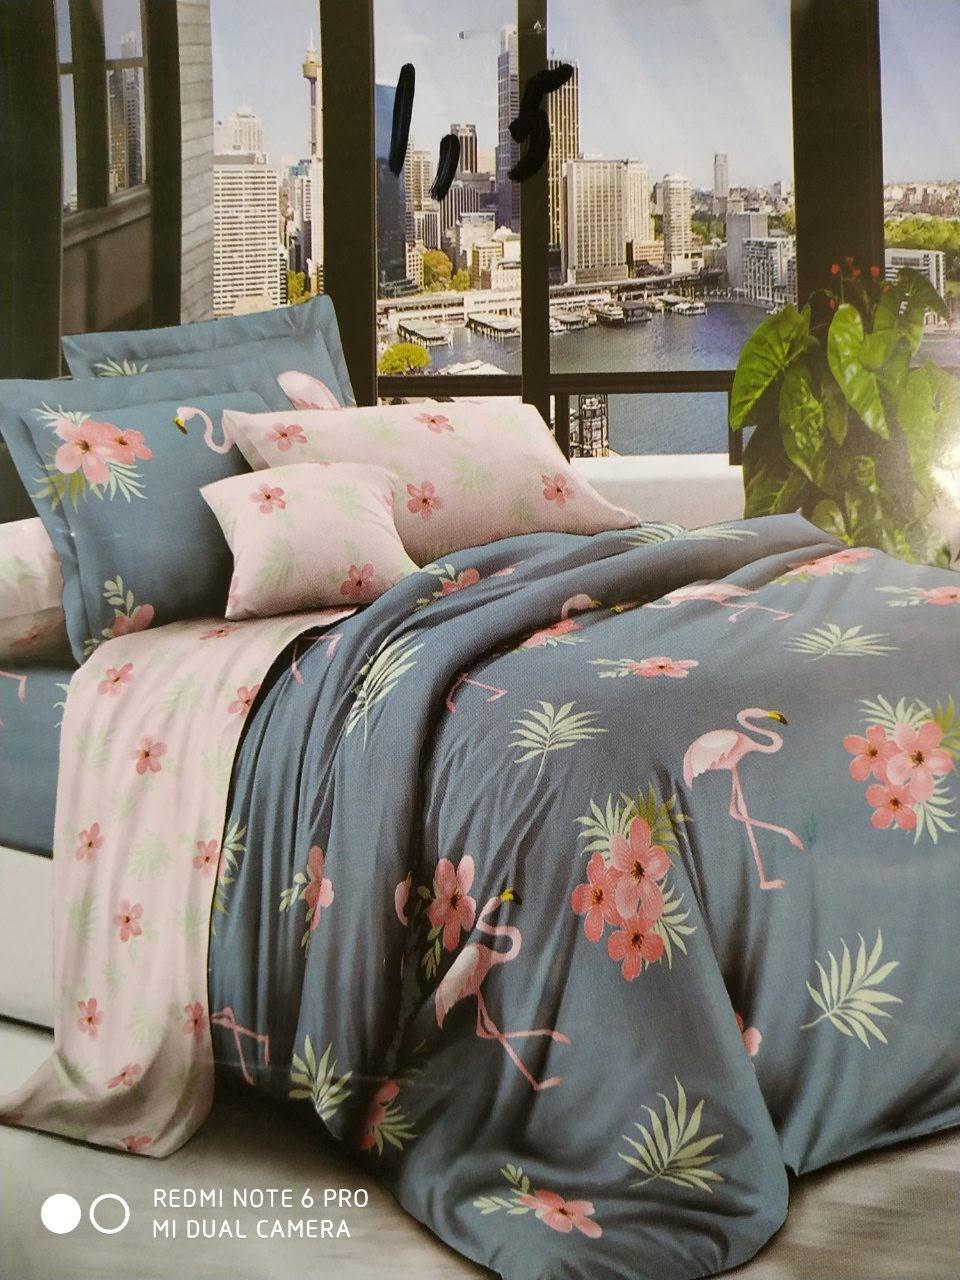 Комплект красивого постельного белья отличного качества, полуторка, фламинго